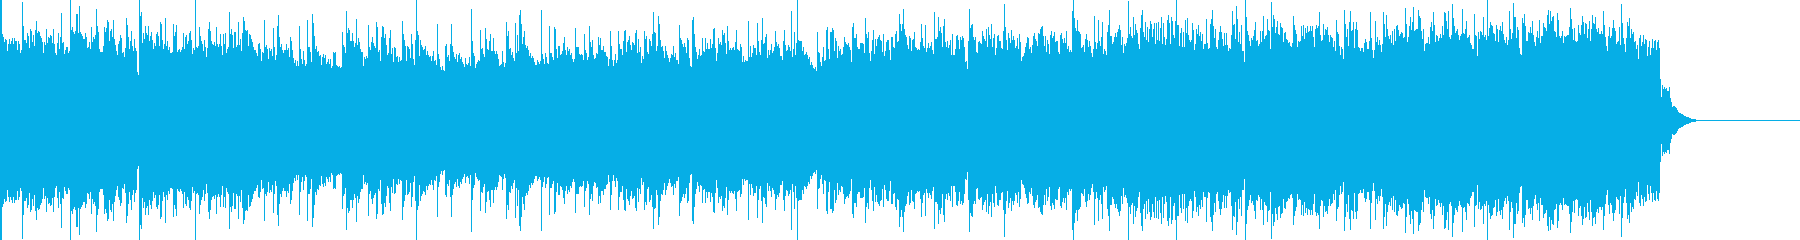 アップテンポな楽曲です。特に使用制限も…の再生済みの波形